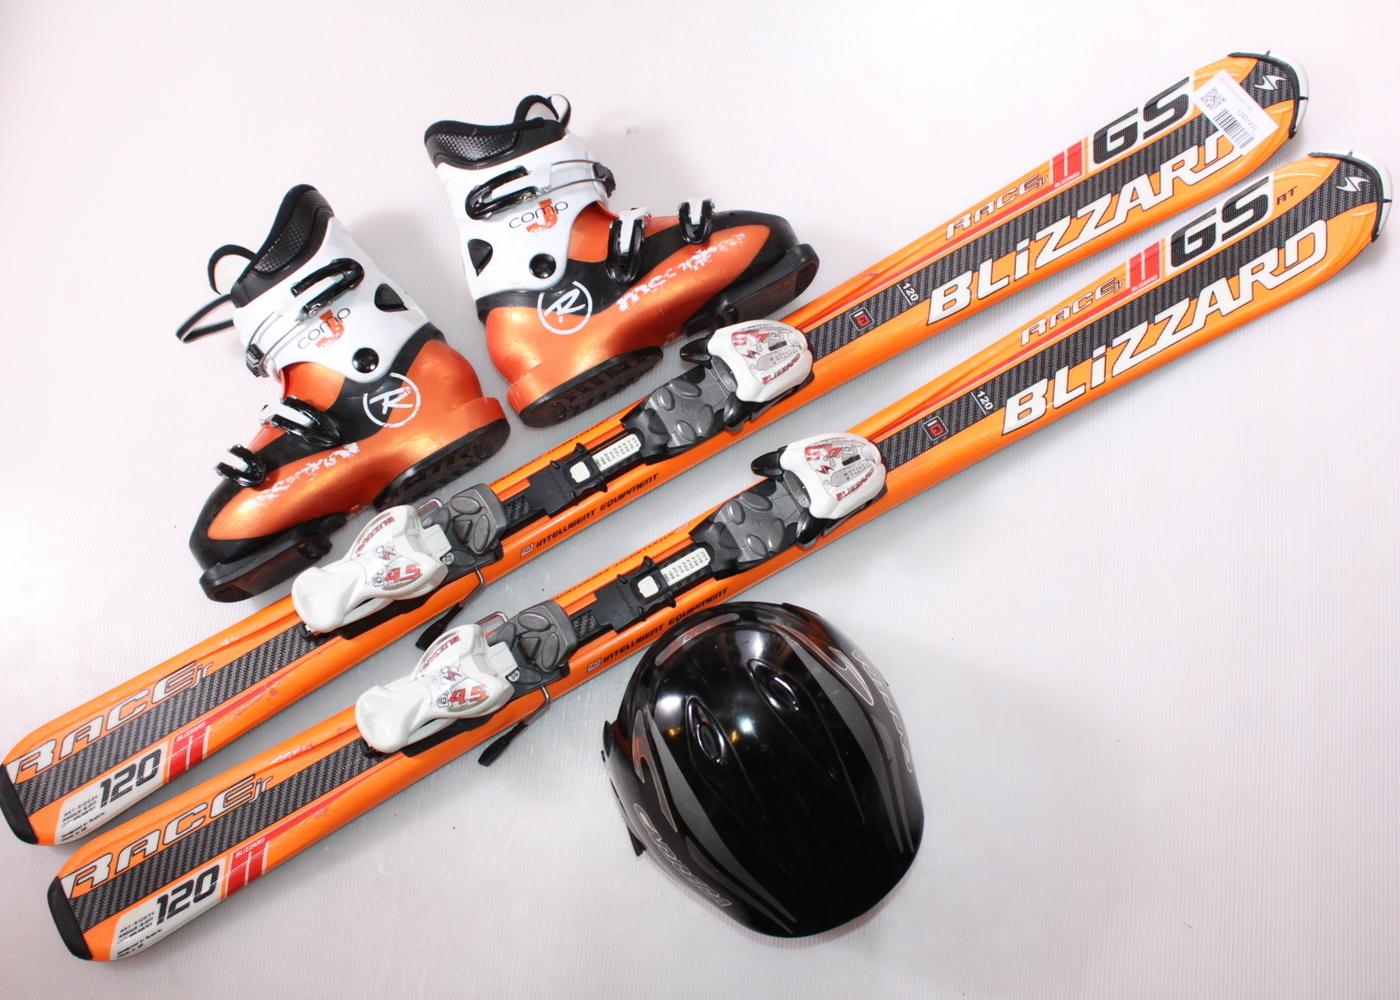 Dětské lyže BLIZZARD GS RACING 120 cm + lyžáky  36EU + helma